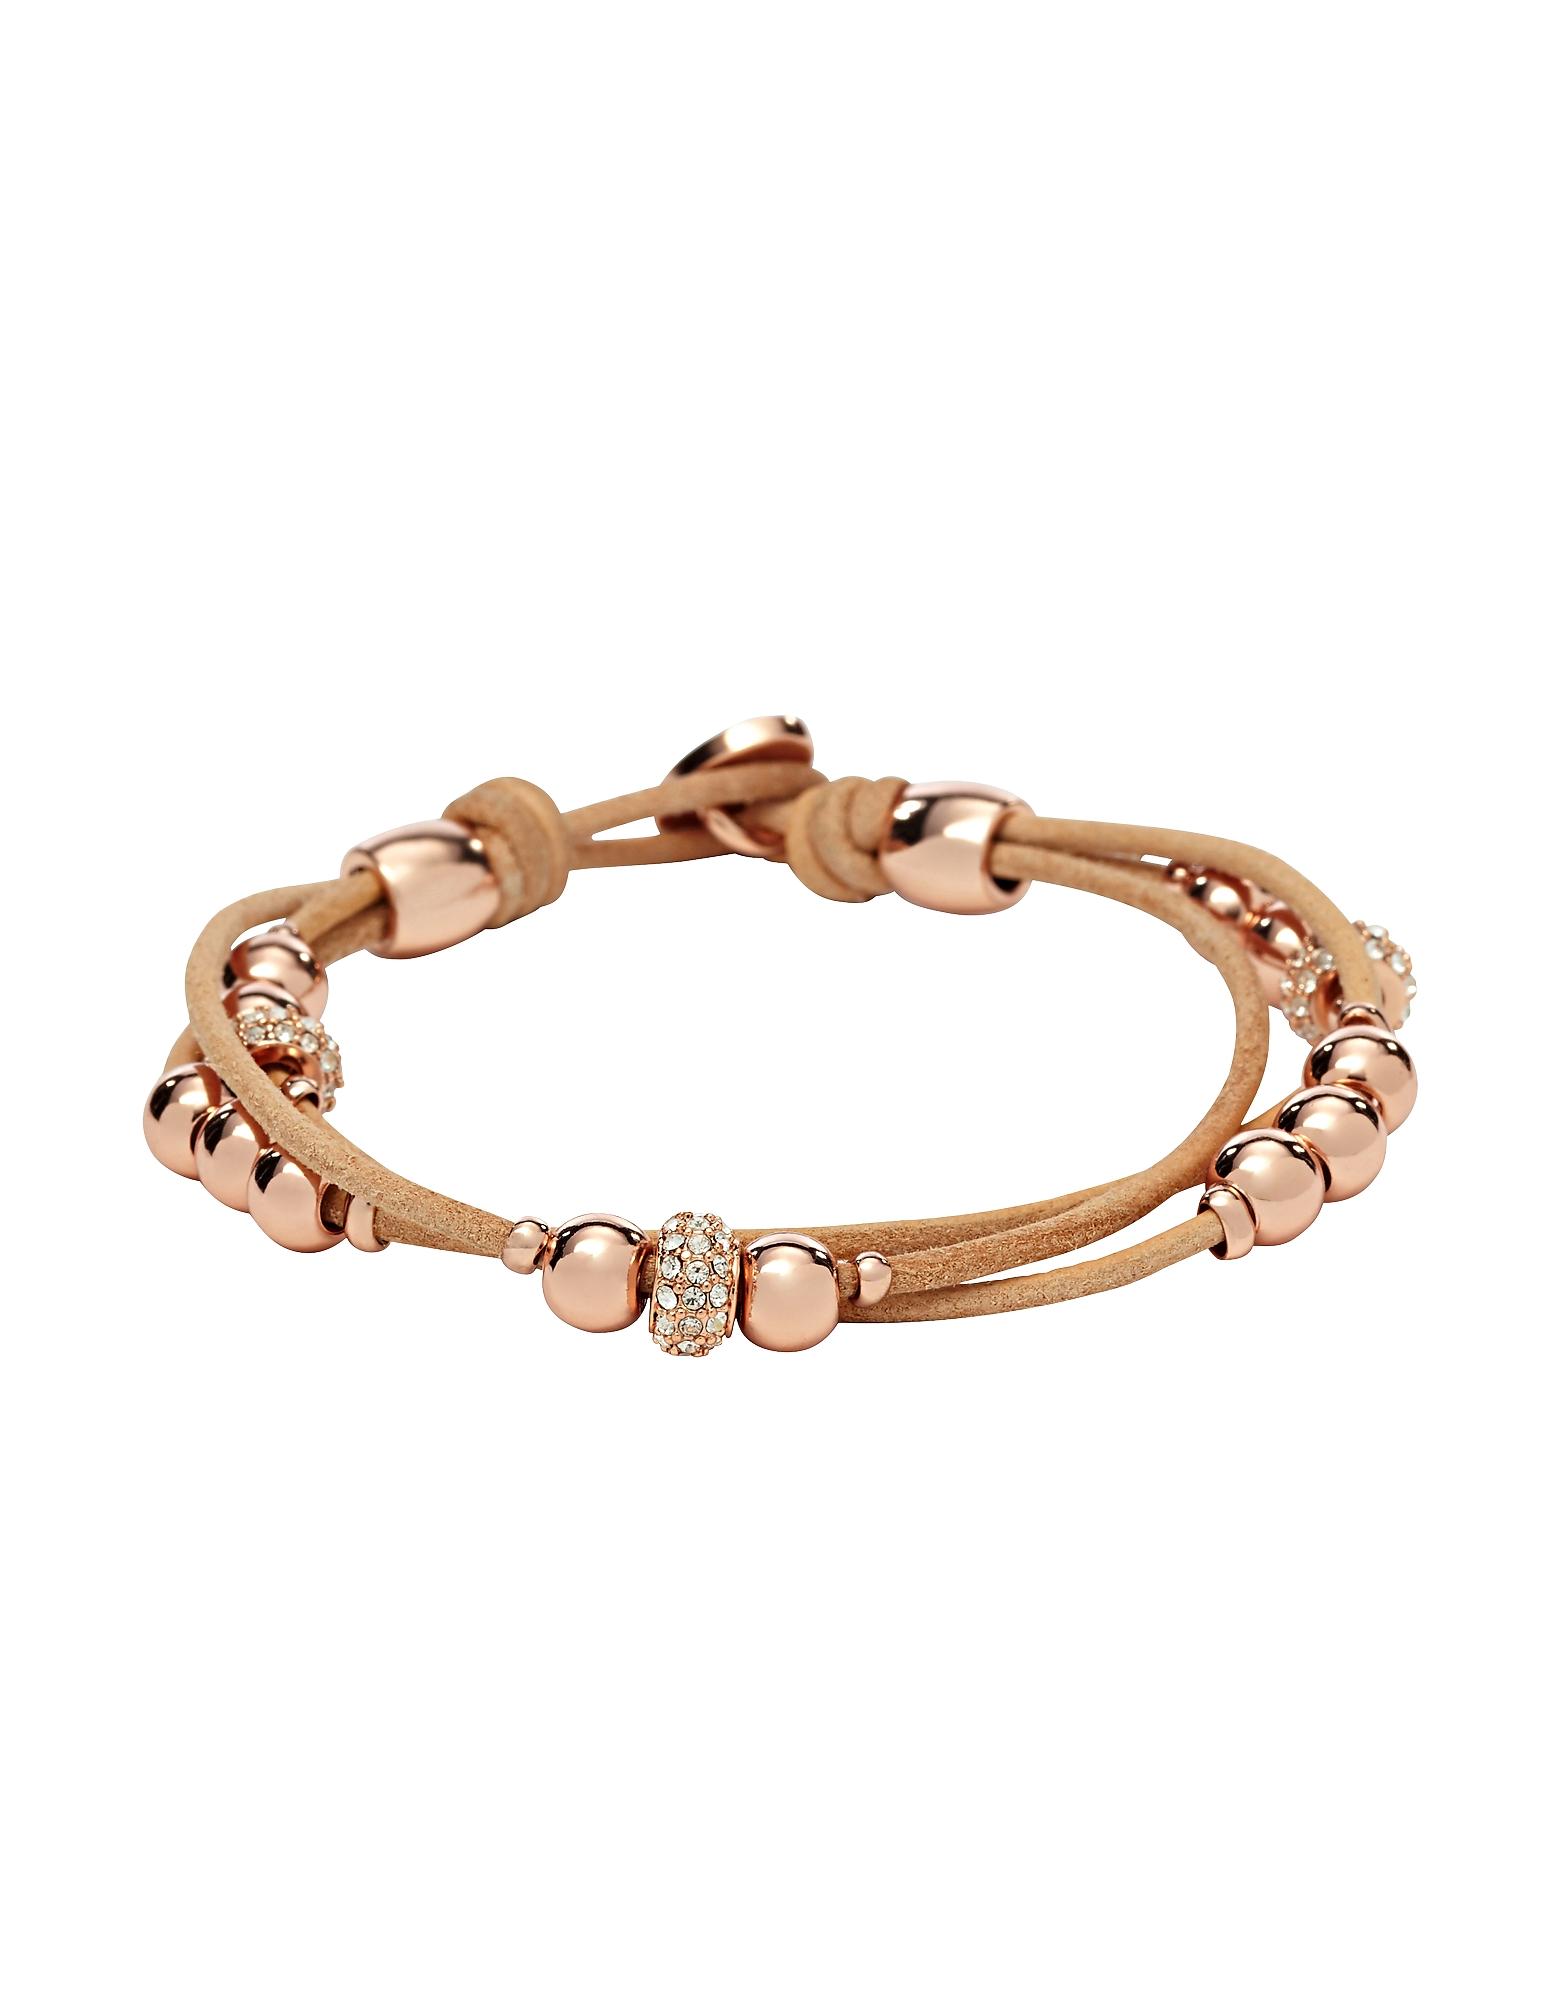 Fossil Designer Bracelets, Tan Rondel Women's Wrist Wrap